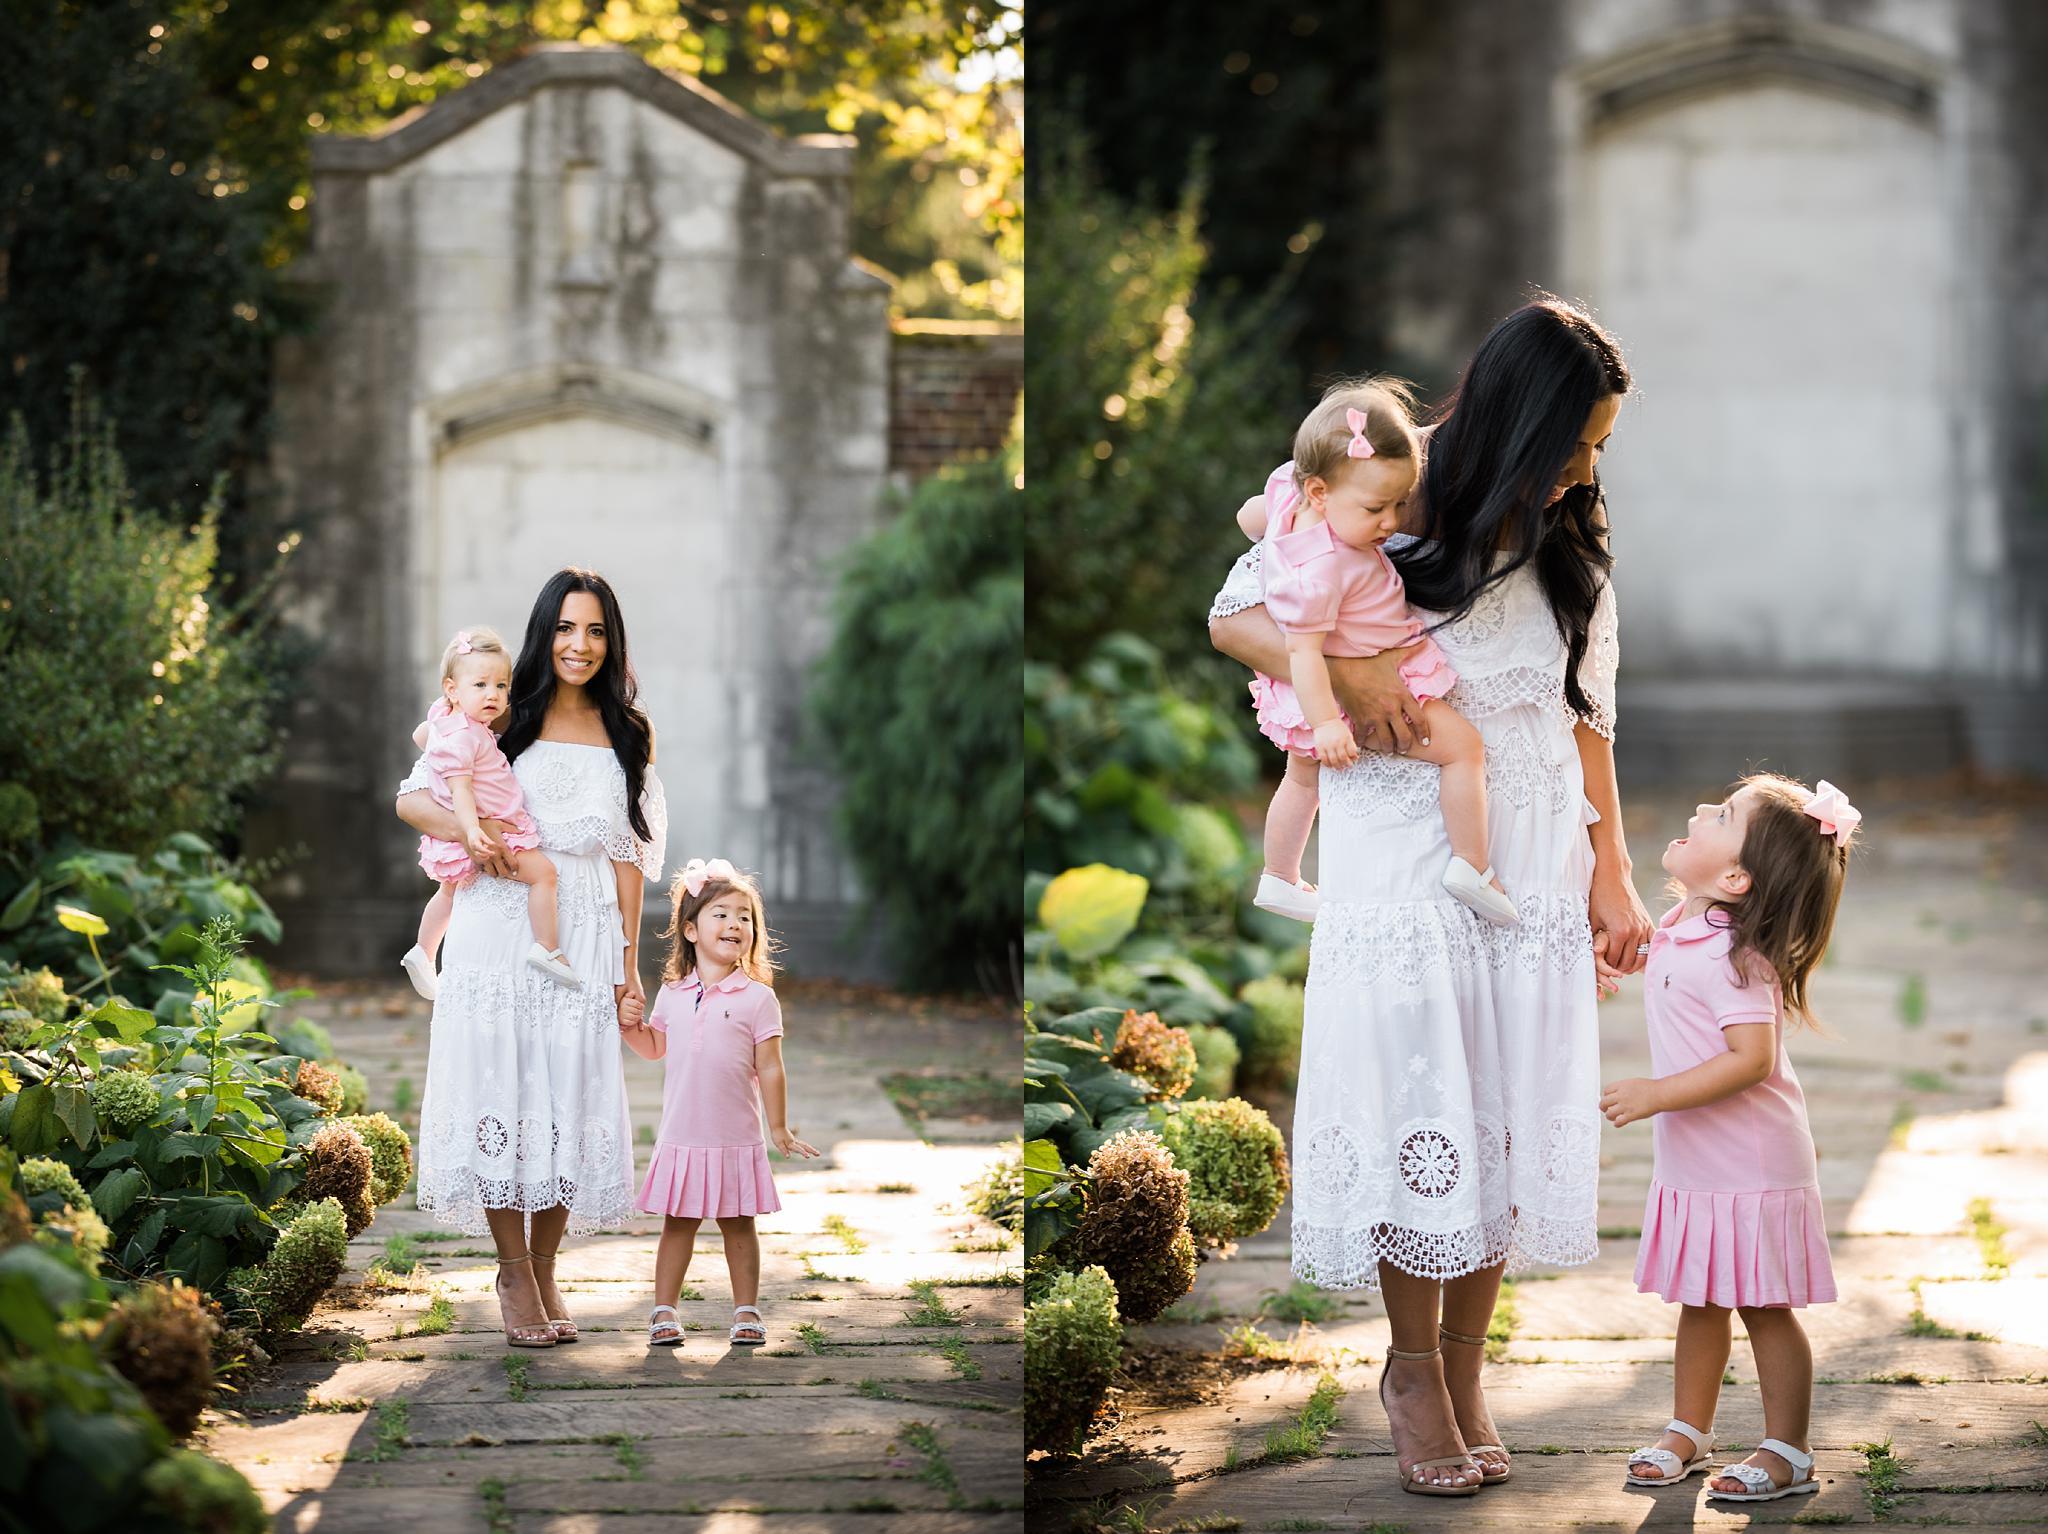 Mellon Park Garden Family Photography Pittsburgh Rachel Rossetti_0092.jpg